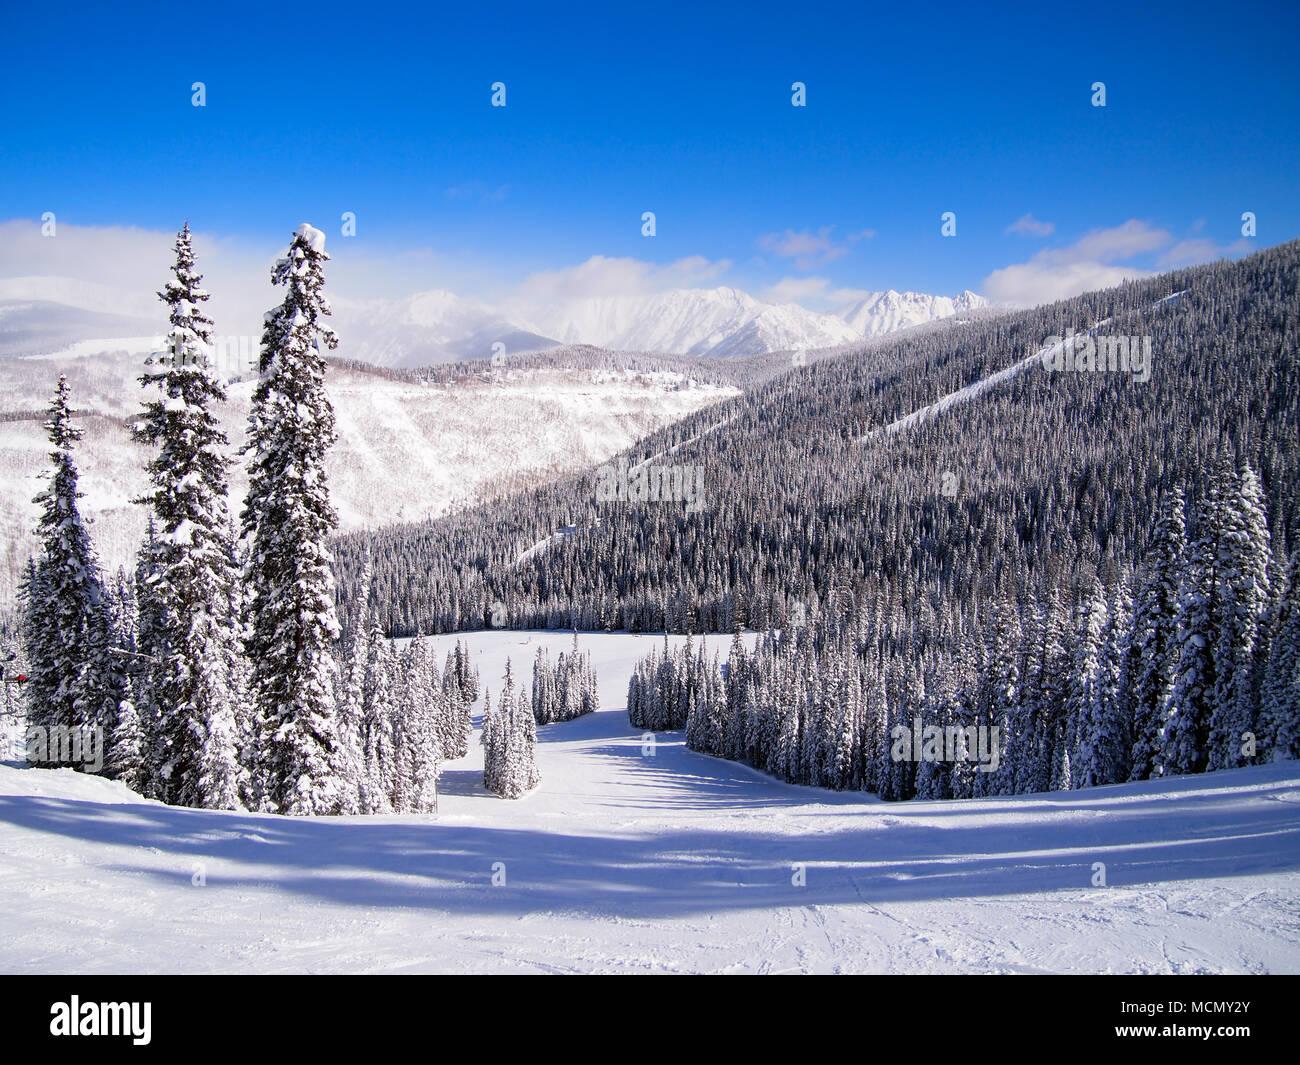 Vail, Colorado; ski resort - Stock Image